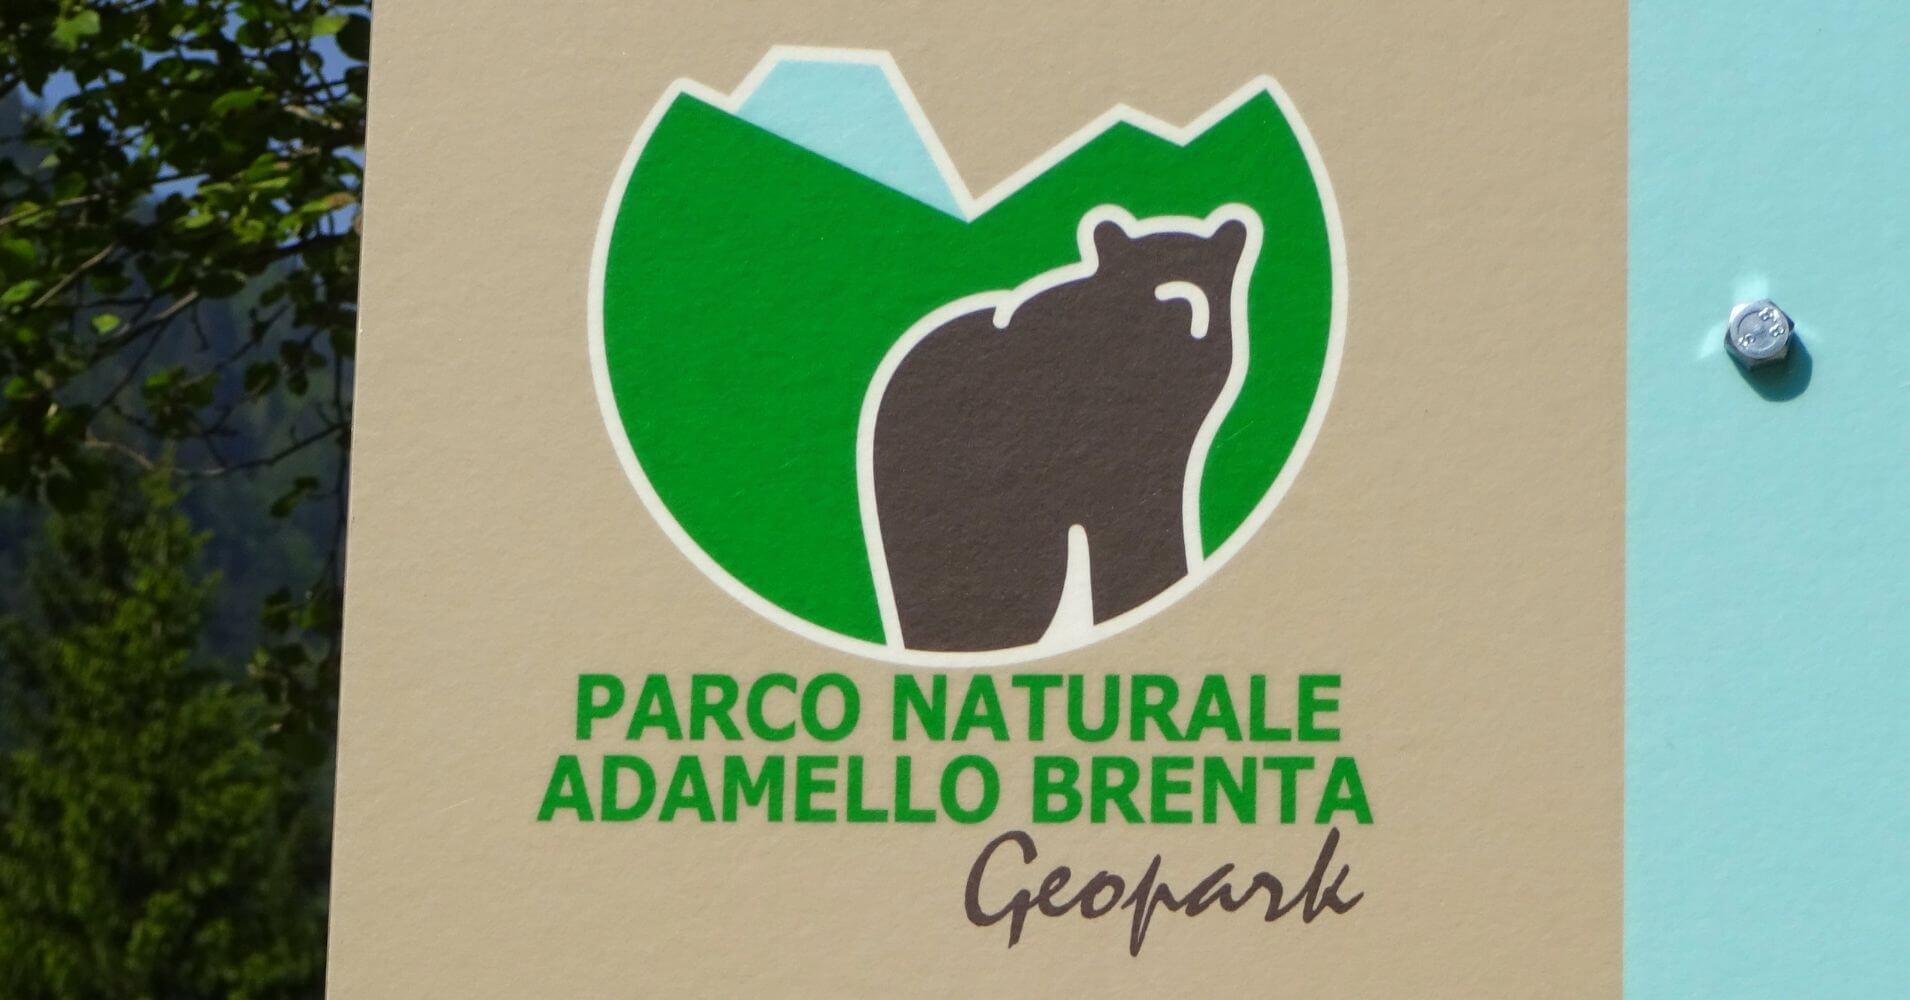 Parque Natural Adamello Brenta. Geoparque. Dolomitas, Madona di Campliglio. Véneto. Italia.